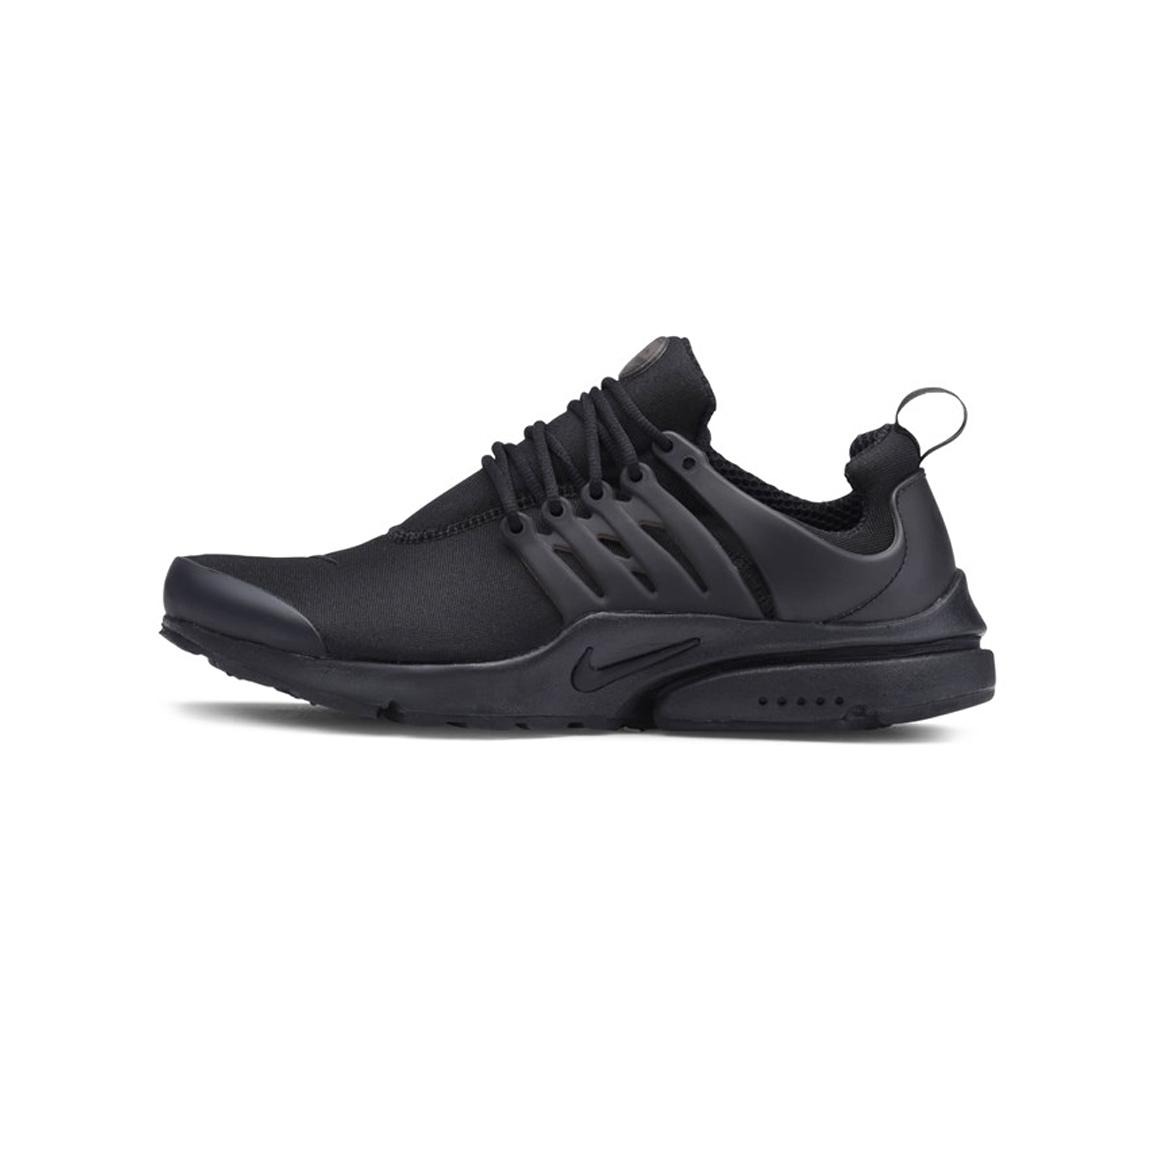 کفش مخصوص دویدن مردانه نایکی مدل 848187-011